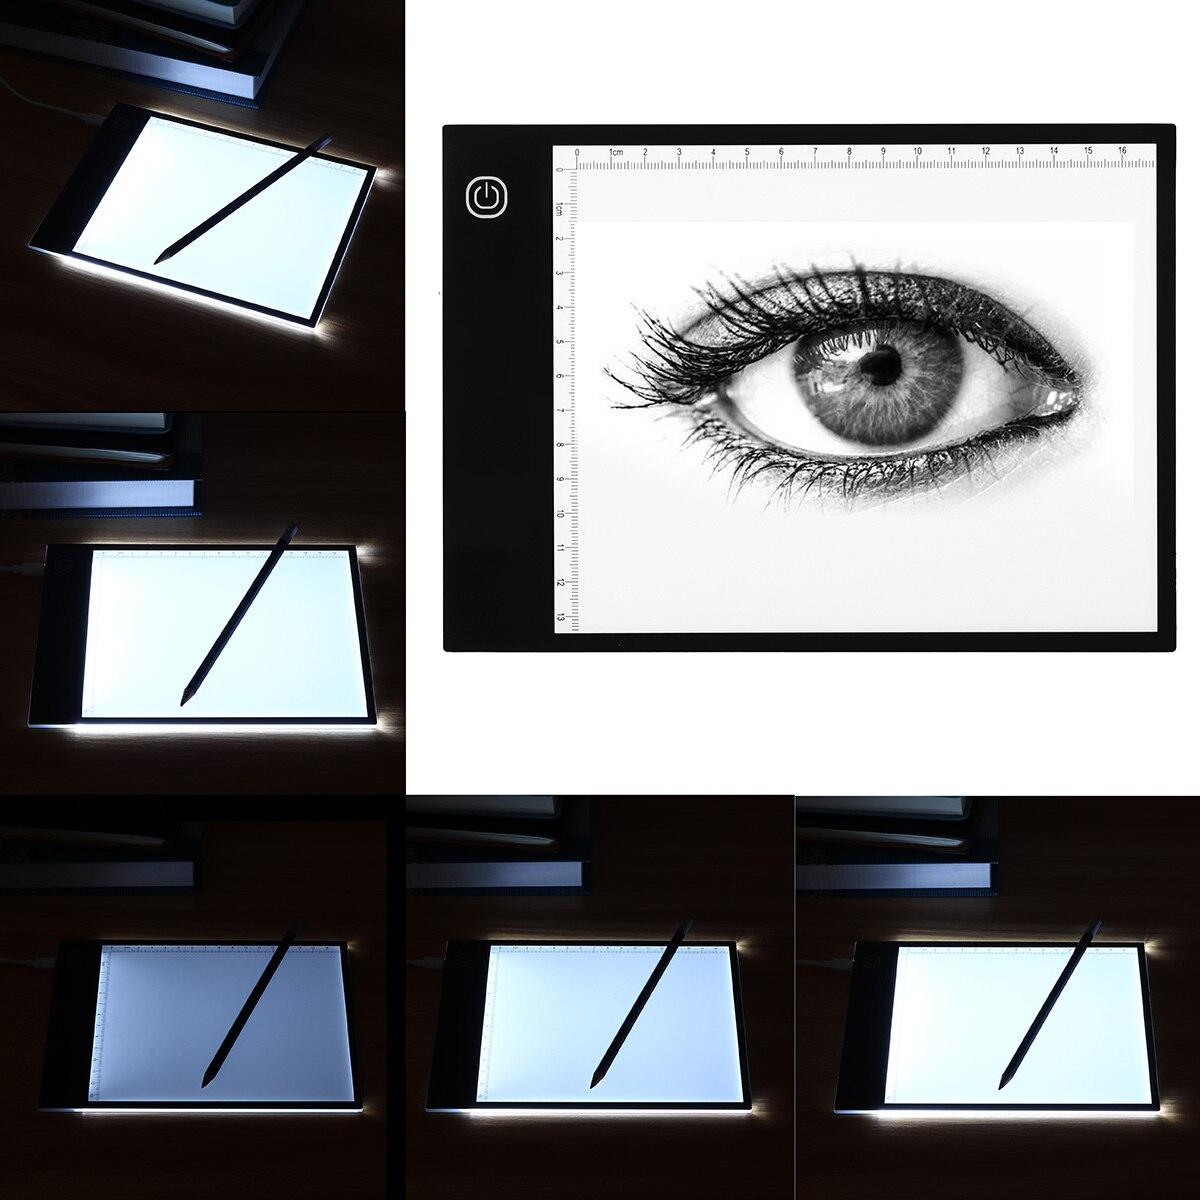 LEORY A5 цифровой планшет светодиодная световая коробка Трассировка художественная доска ремесло Рисование копировальная площадка настольны...